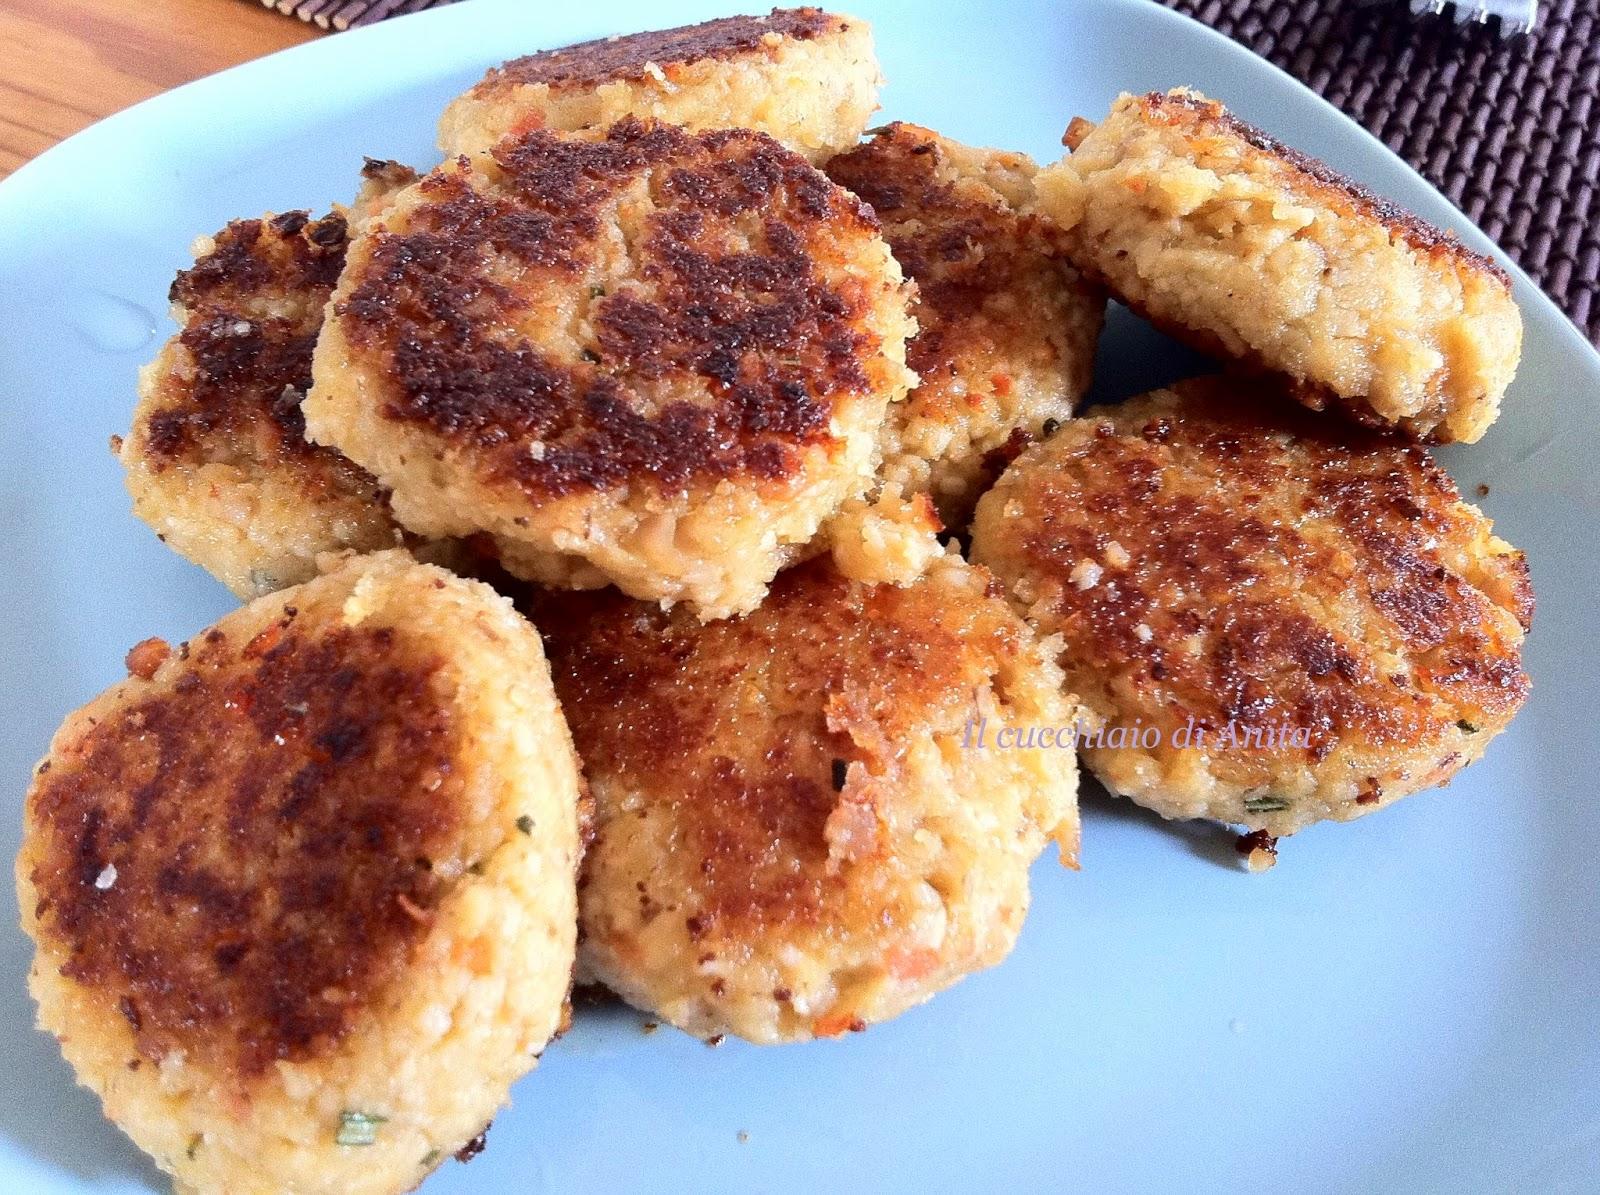 crocchette di pollo arrosto